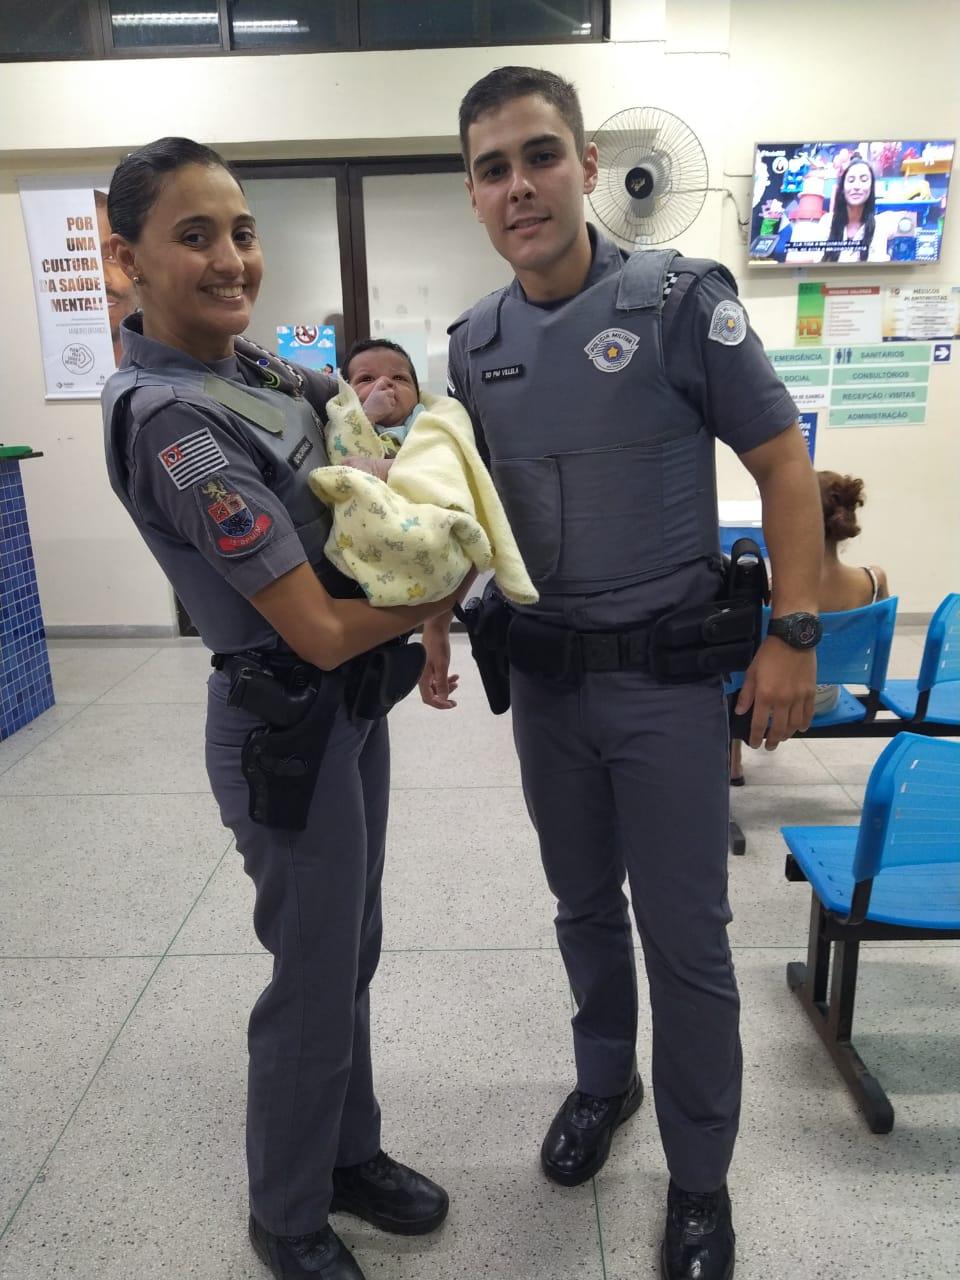 Policiais militares salvam recém-nascido engasgado enquanto pais tentavam chegar ao hospital